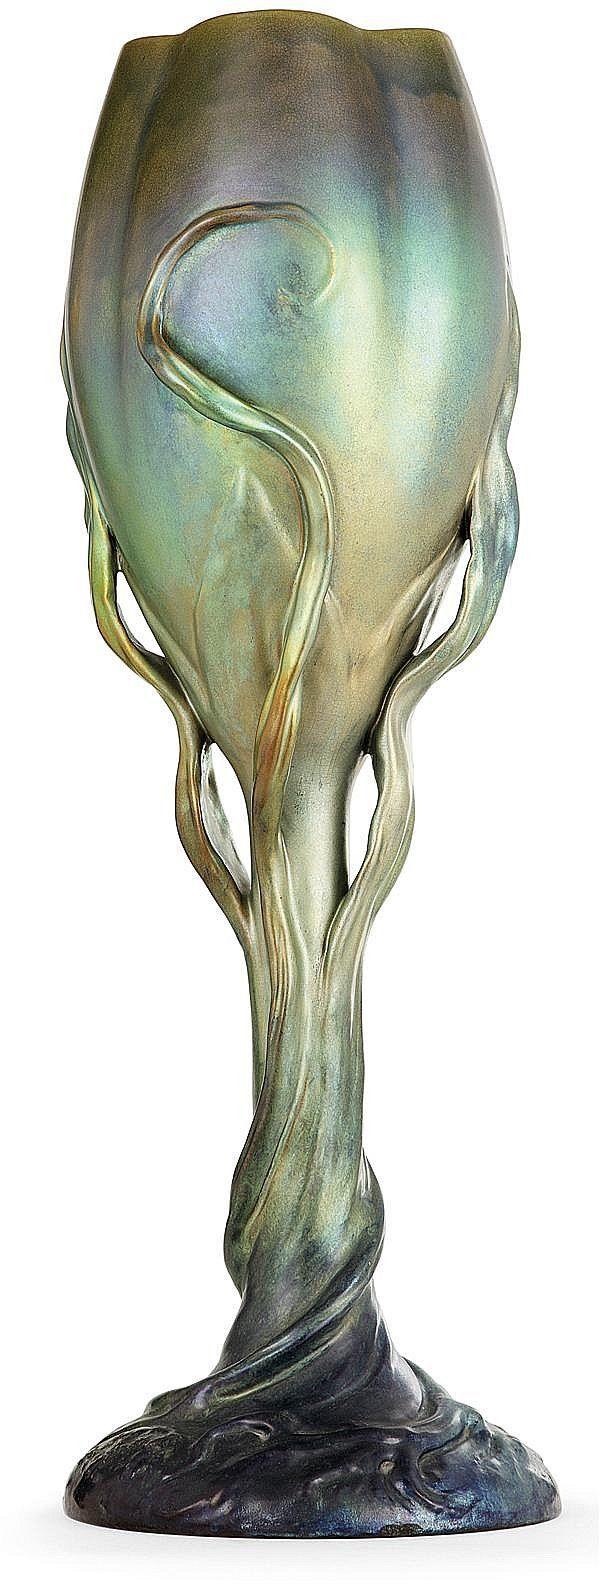 Также рекомендую: Колекция кувшинов. Англия, Германия, 1880-1890 гг. Загадка римского кубка Ликурга Невесомые чаши и вазы из скелетированных листьев: идеи для…